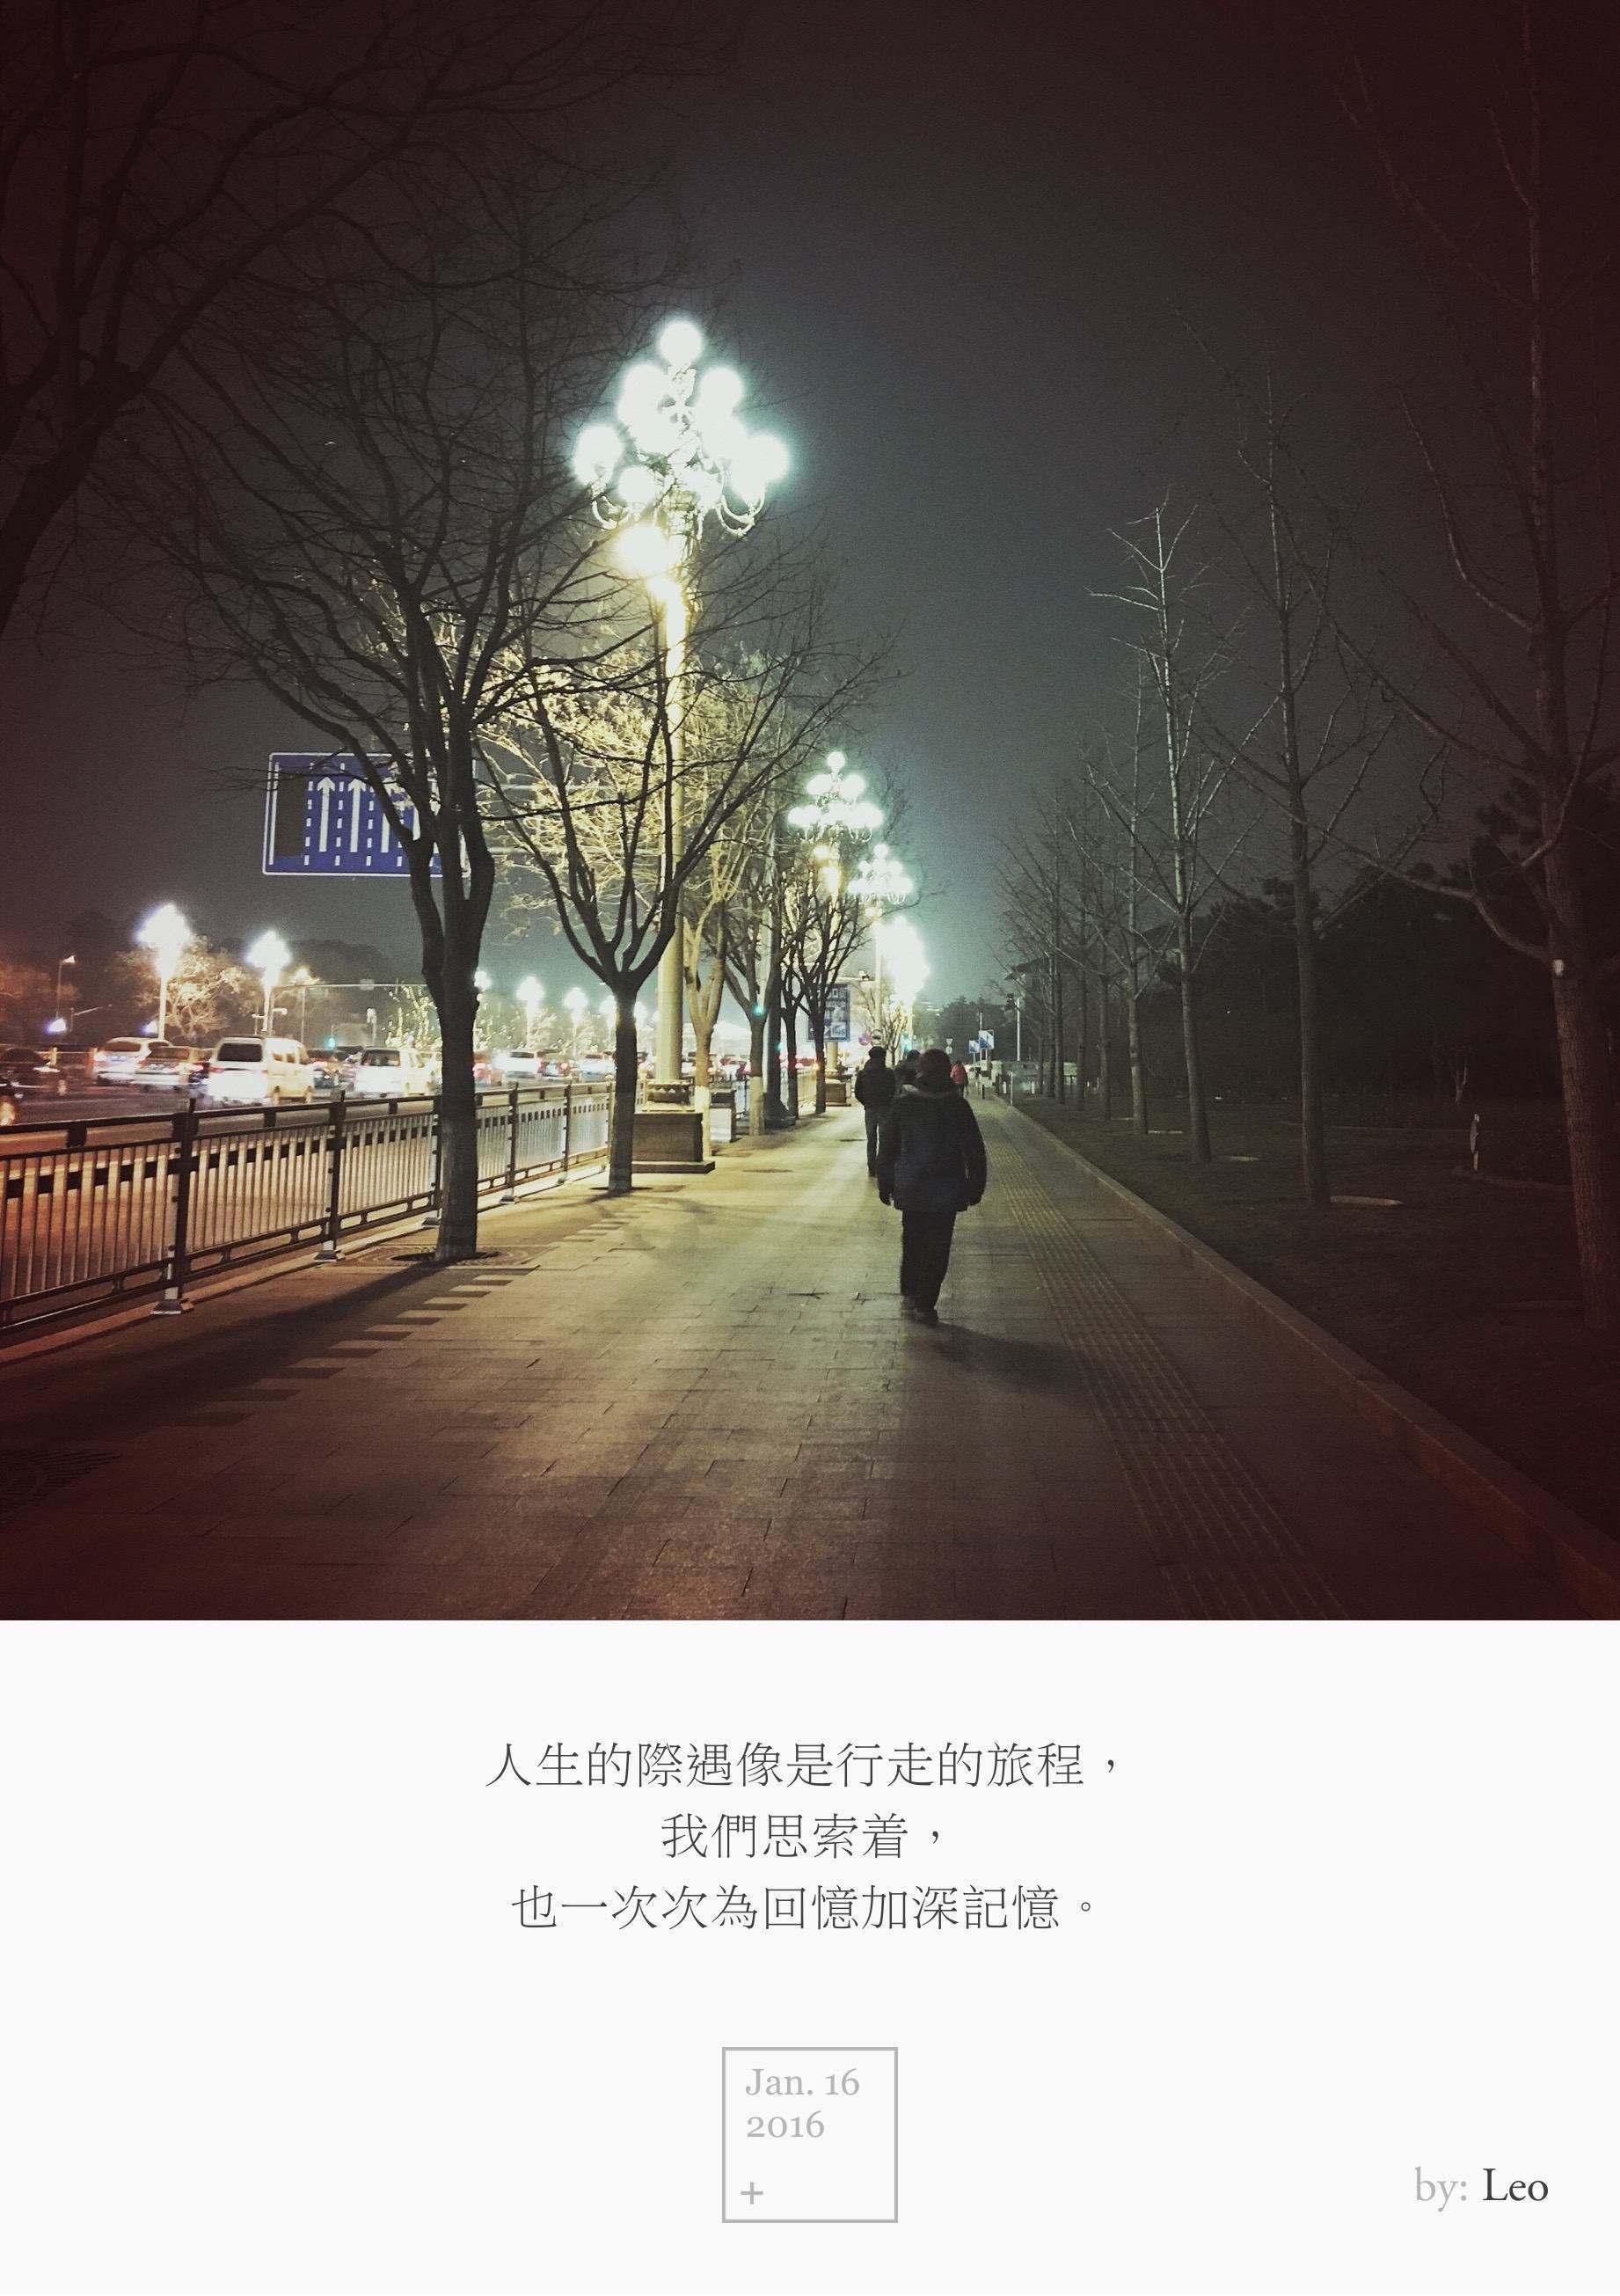 长安街 夜晚